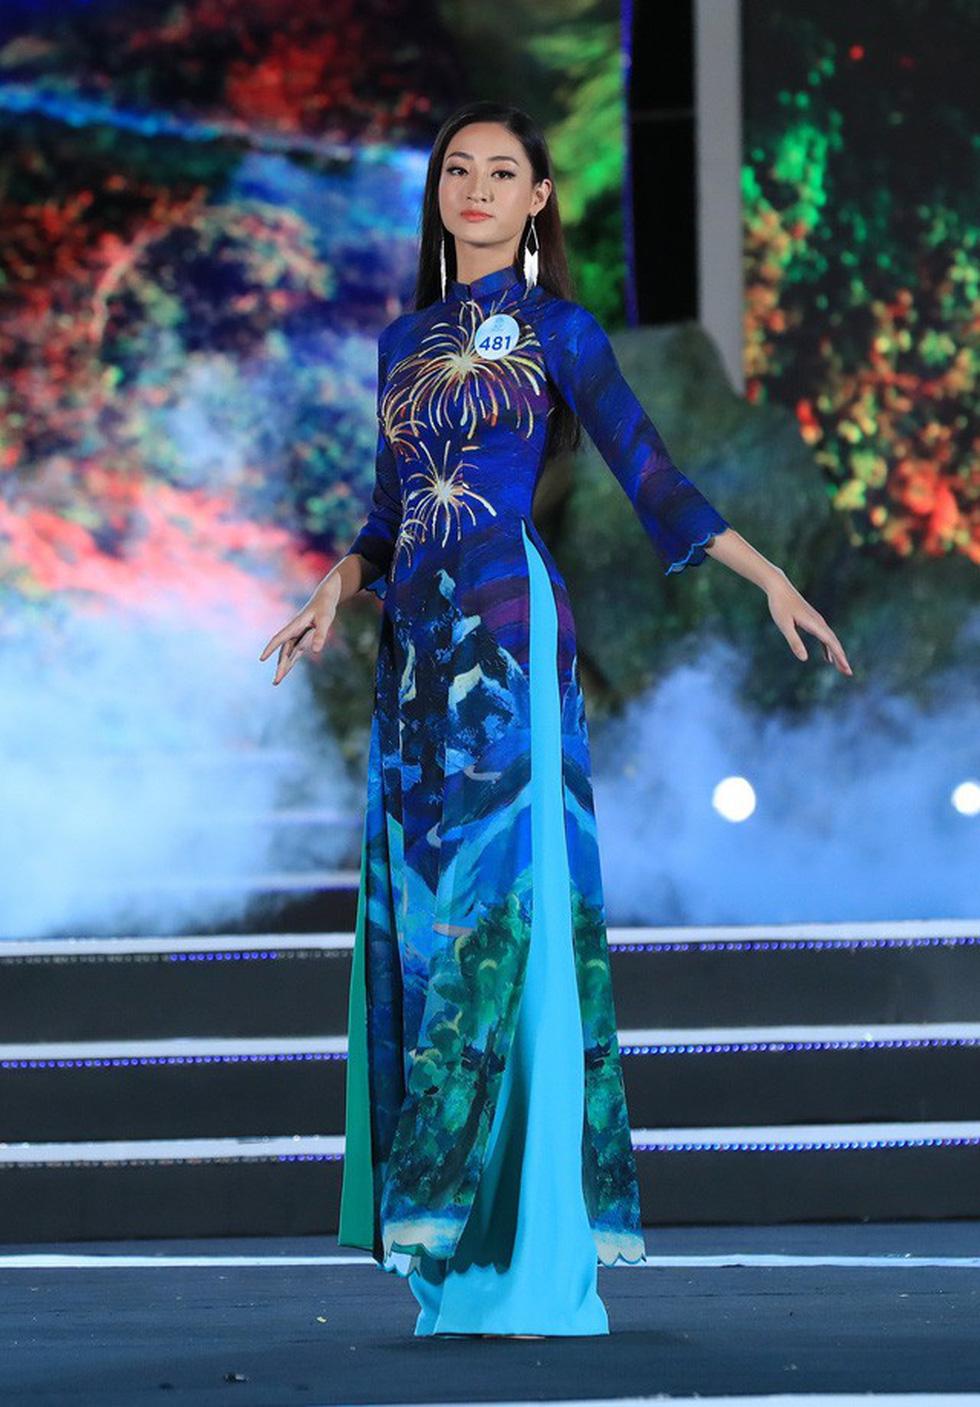 Hoa hậu Lương Thùy Linh: Tập trung hết sức vào việc học nên chưa có bạn trai - Ảnh 5.